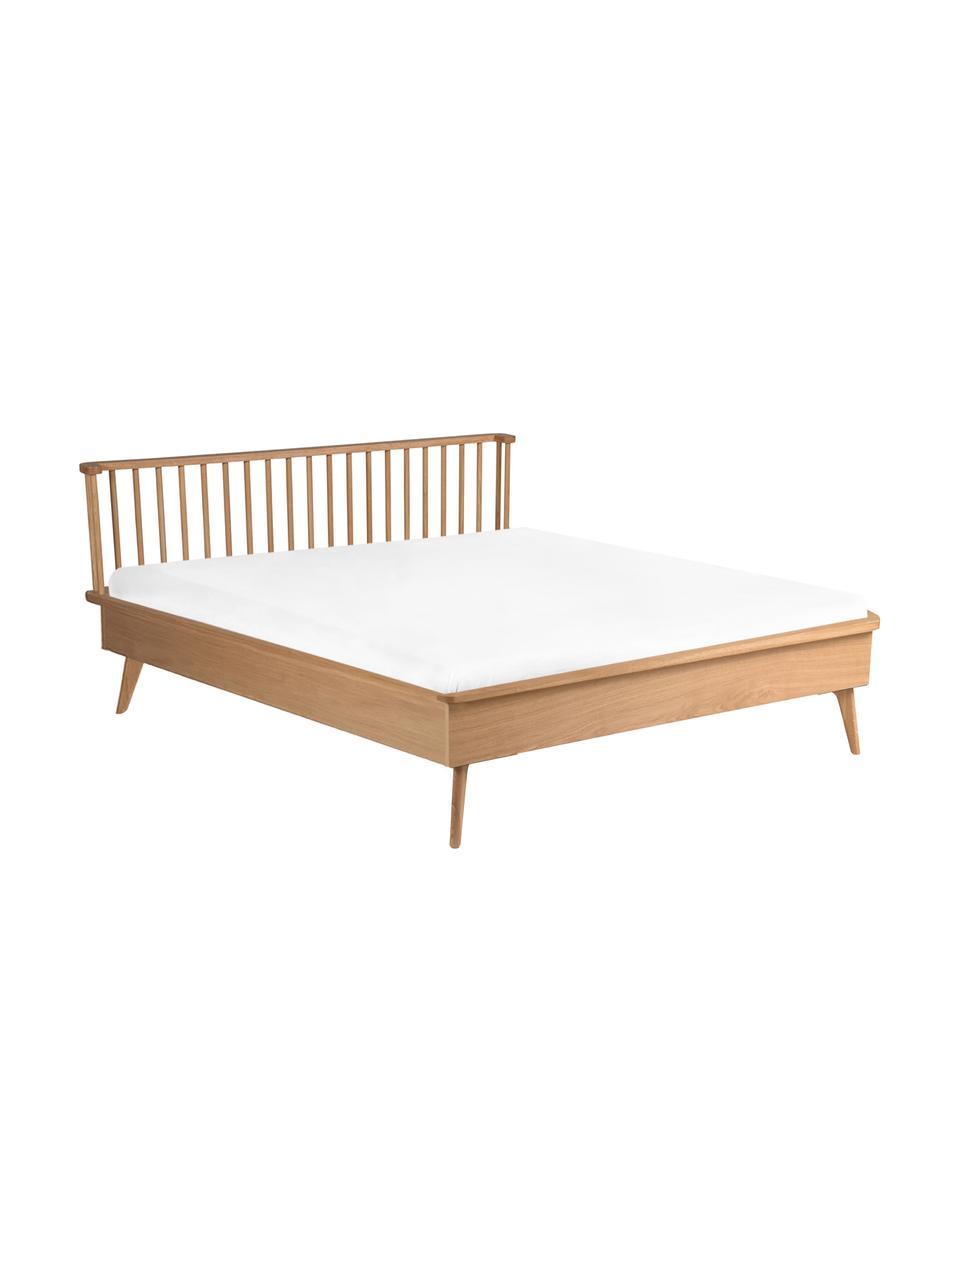 Łóżko z drewna Wild, Płyta pilśniowa (MDF), fornir z drewna dębowego, Drewno dębowe, S 160 x D 200 cm